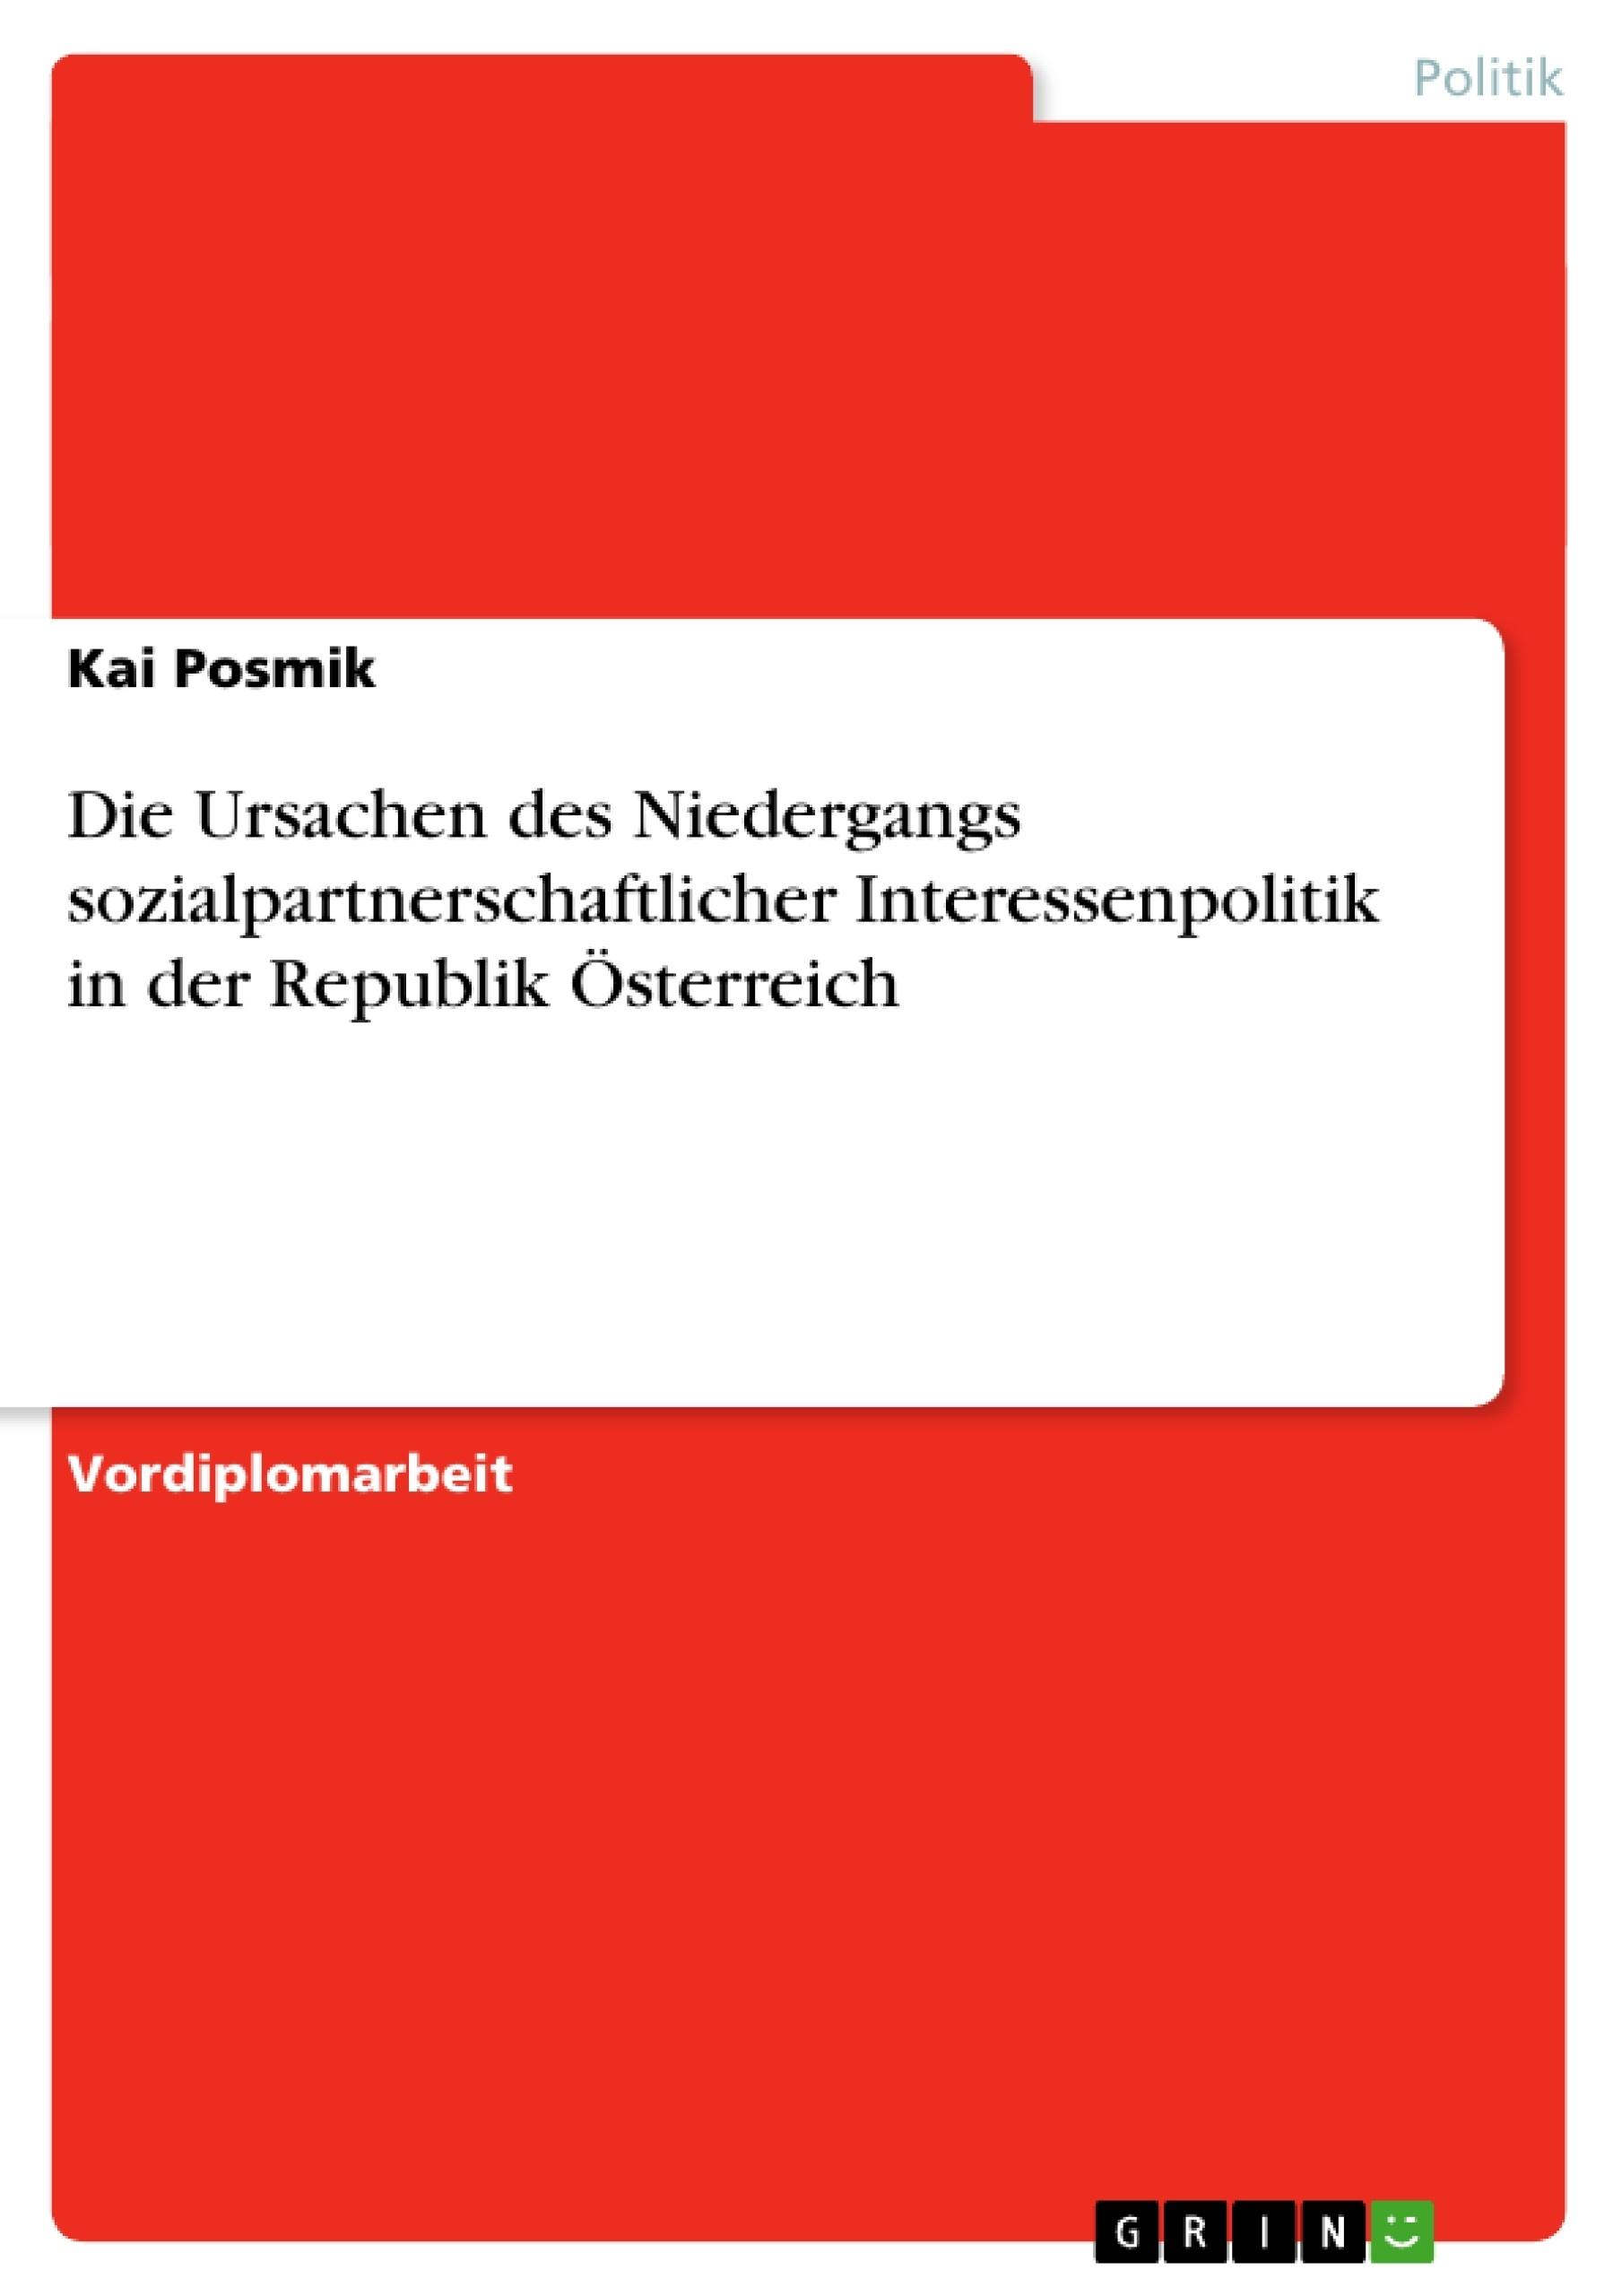 Titel: Die Ursachen des Niedergangs sozialpartnerschaftlicher Interessenpolitik in der Republik Österreich